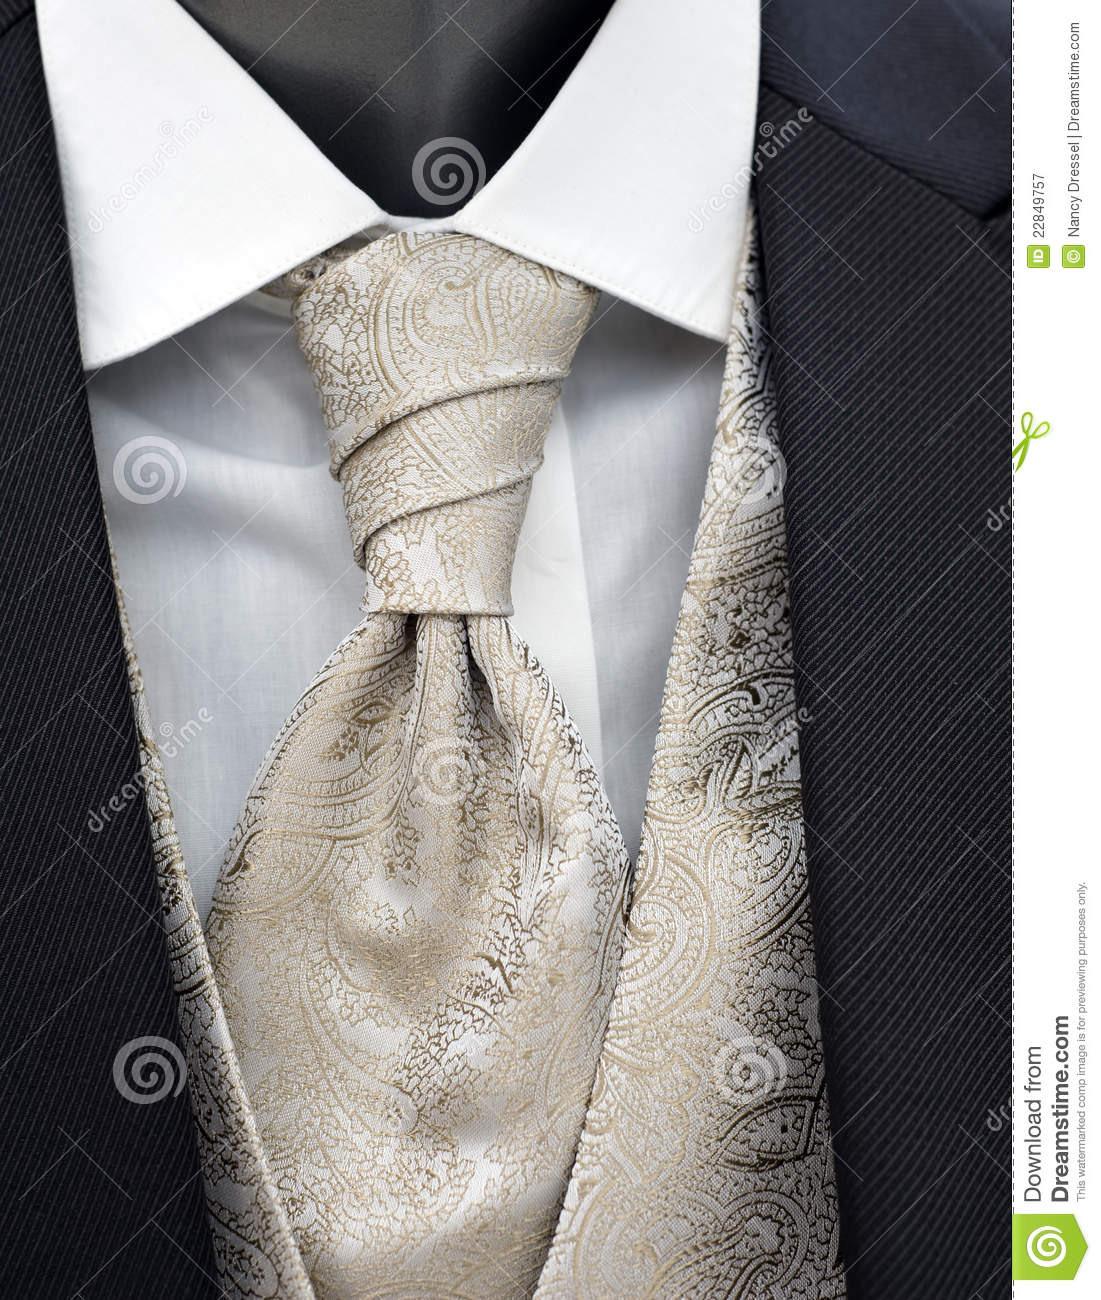 Nette Moderne Hochzeitskleidung Für Mann Stockbild - Bild